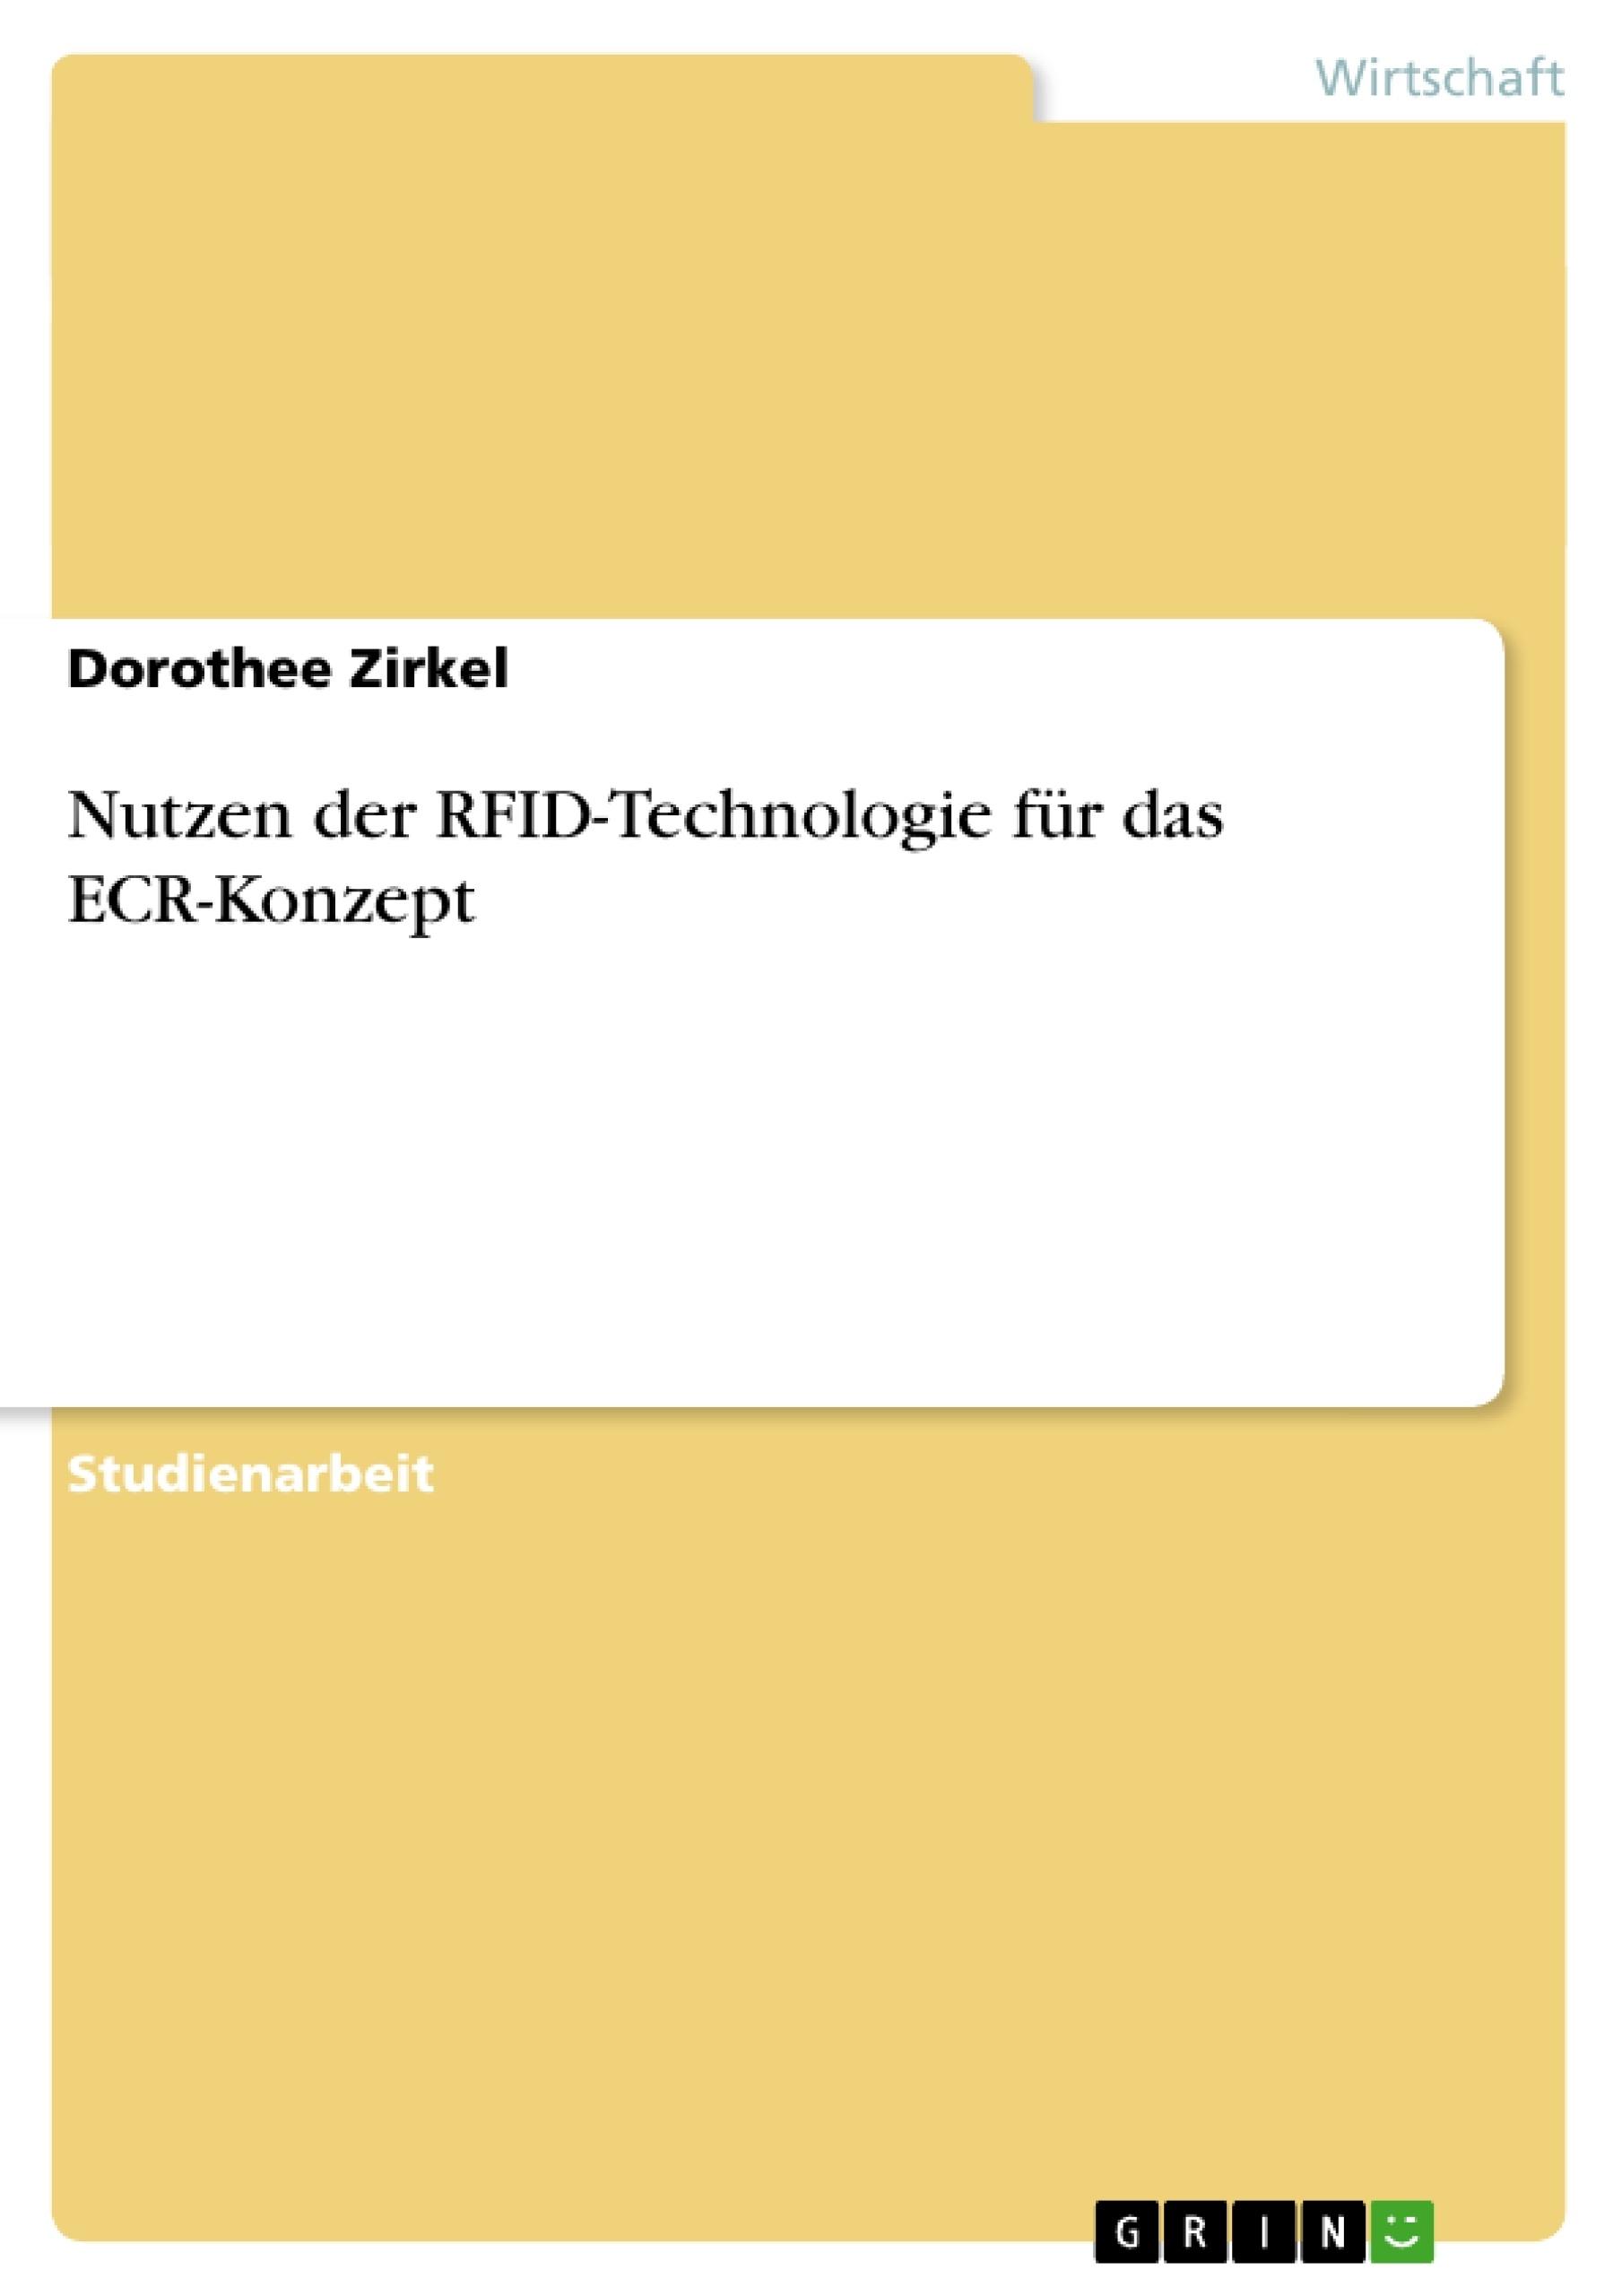 Titel: Nutzen der RFID-Technologie für das ECR-Konzept